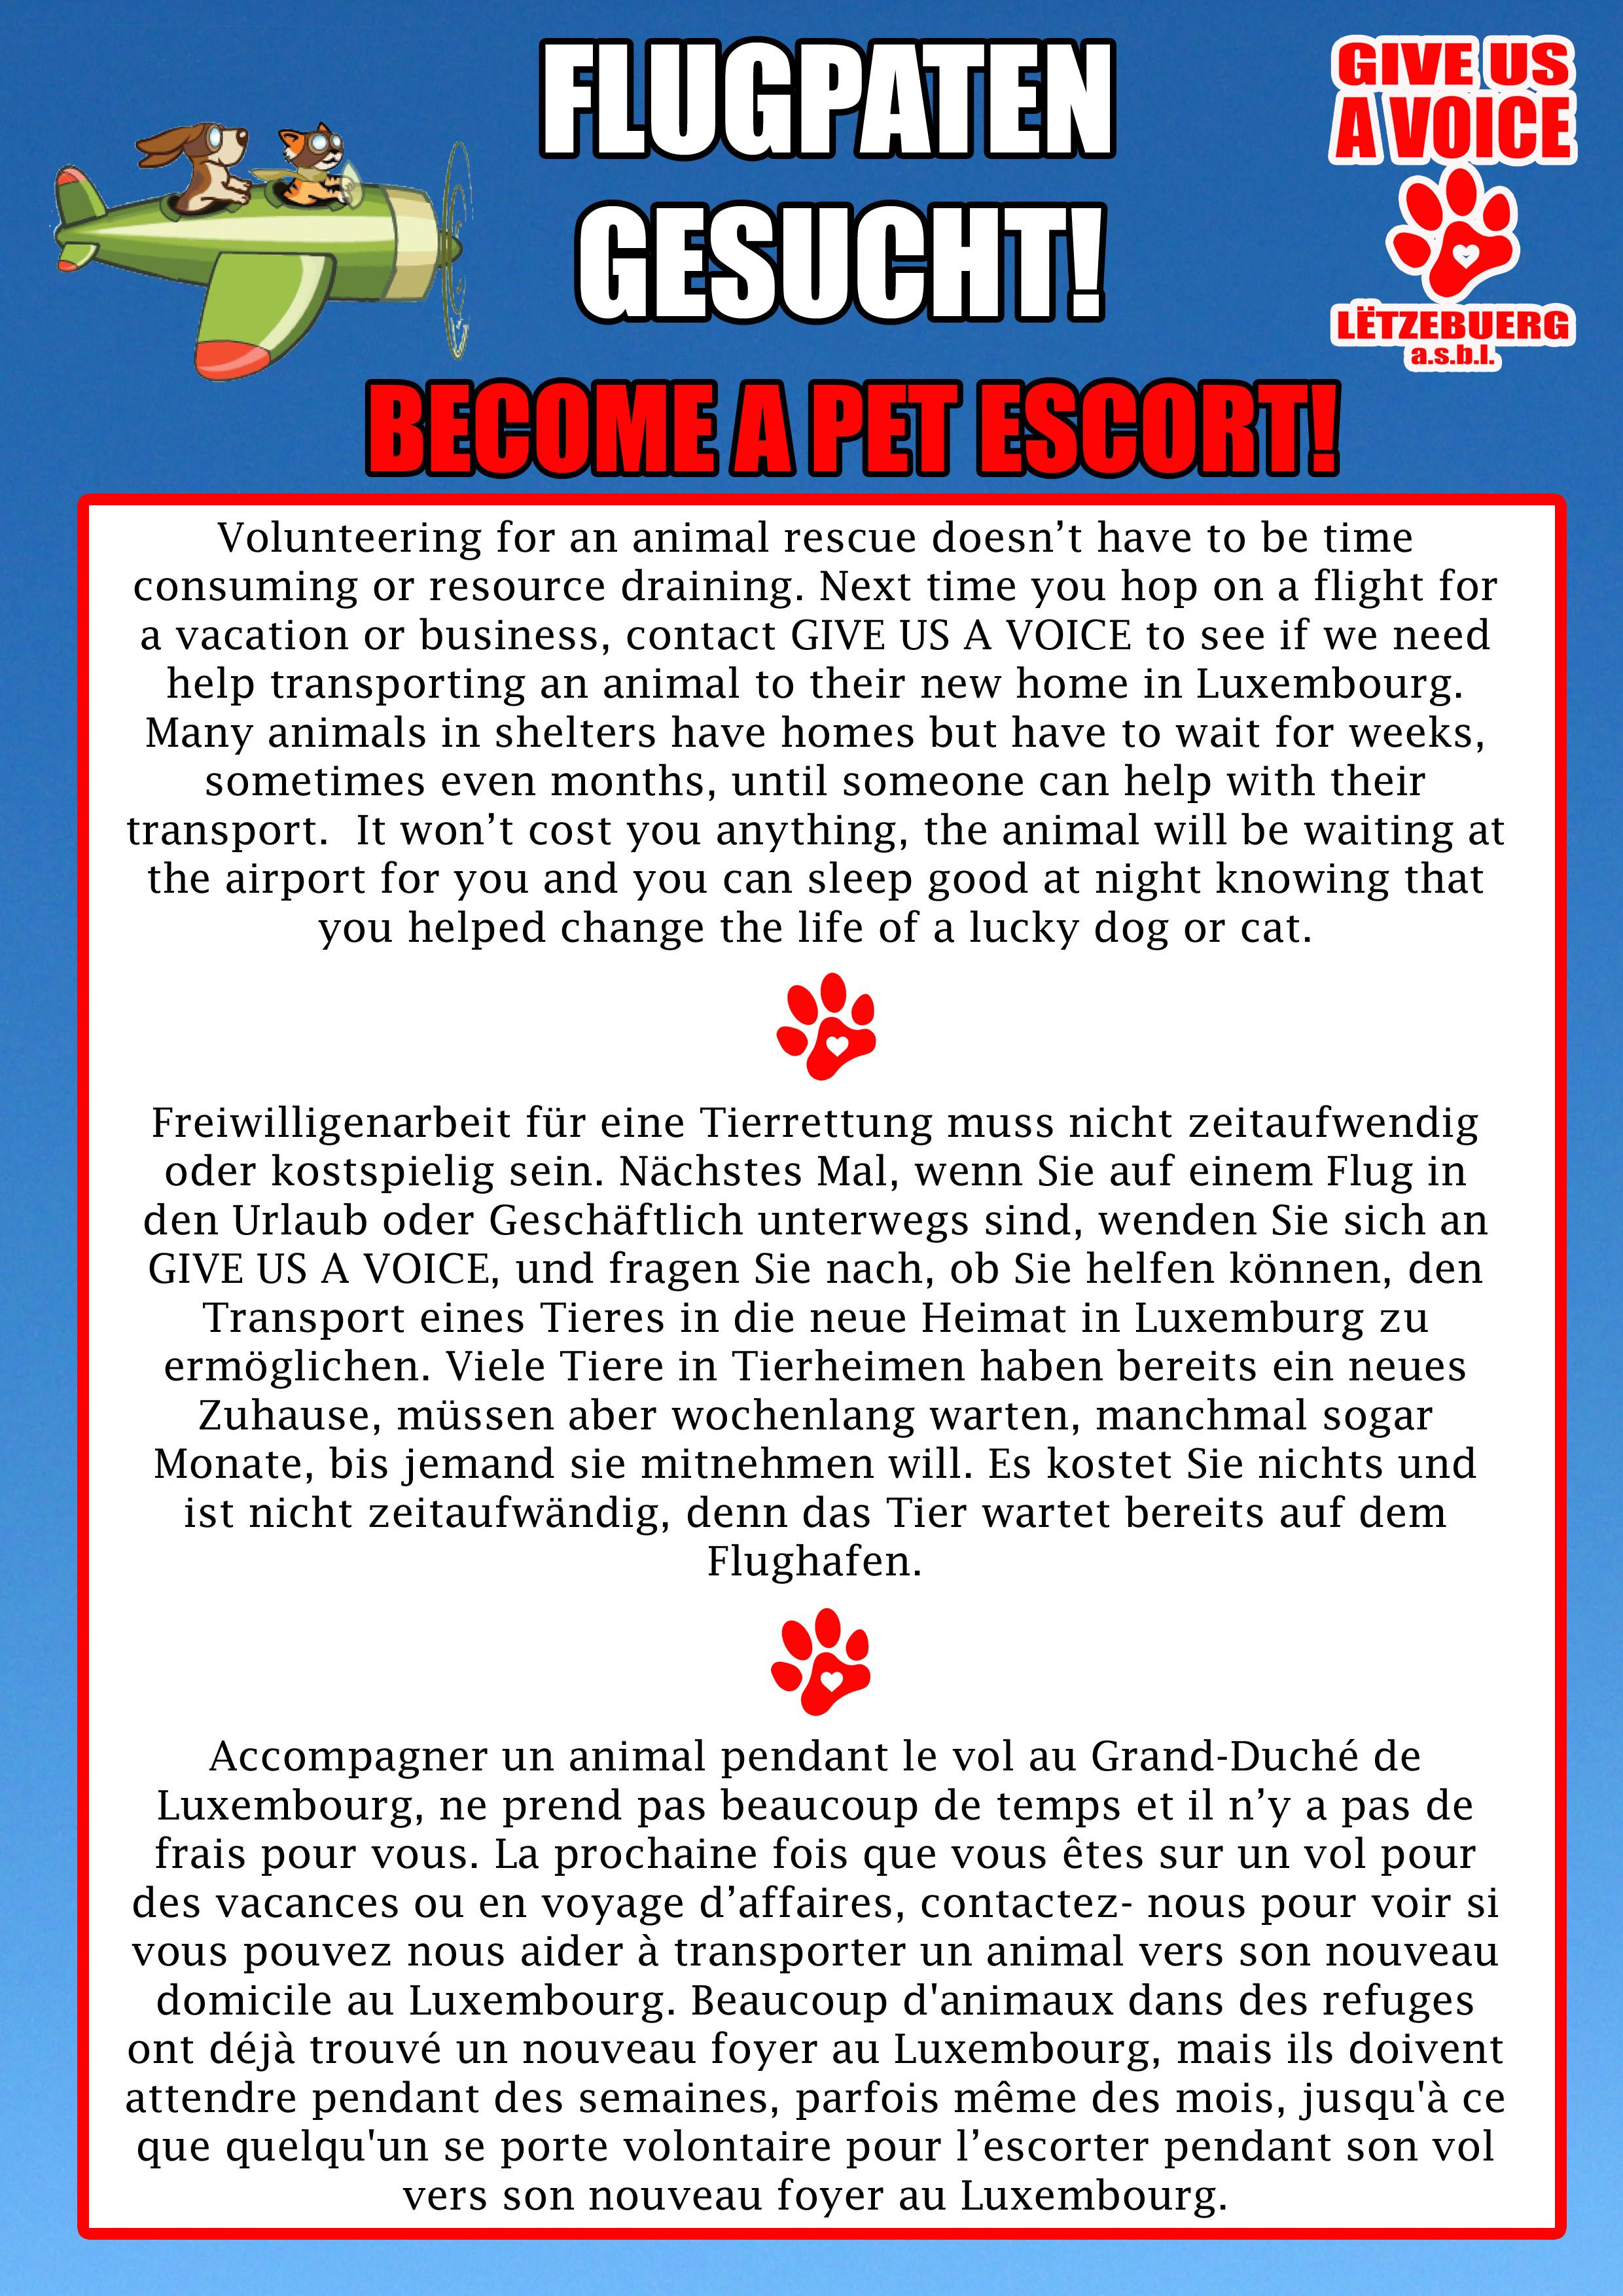 Pet escort flyer copy